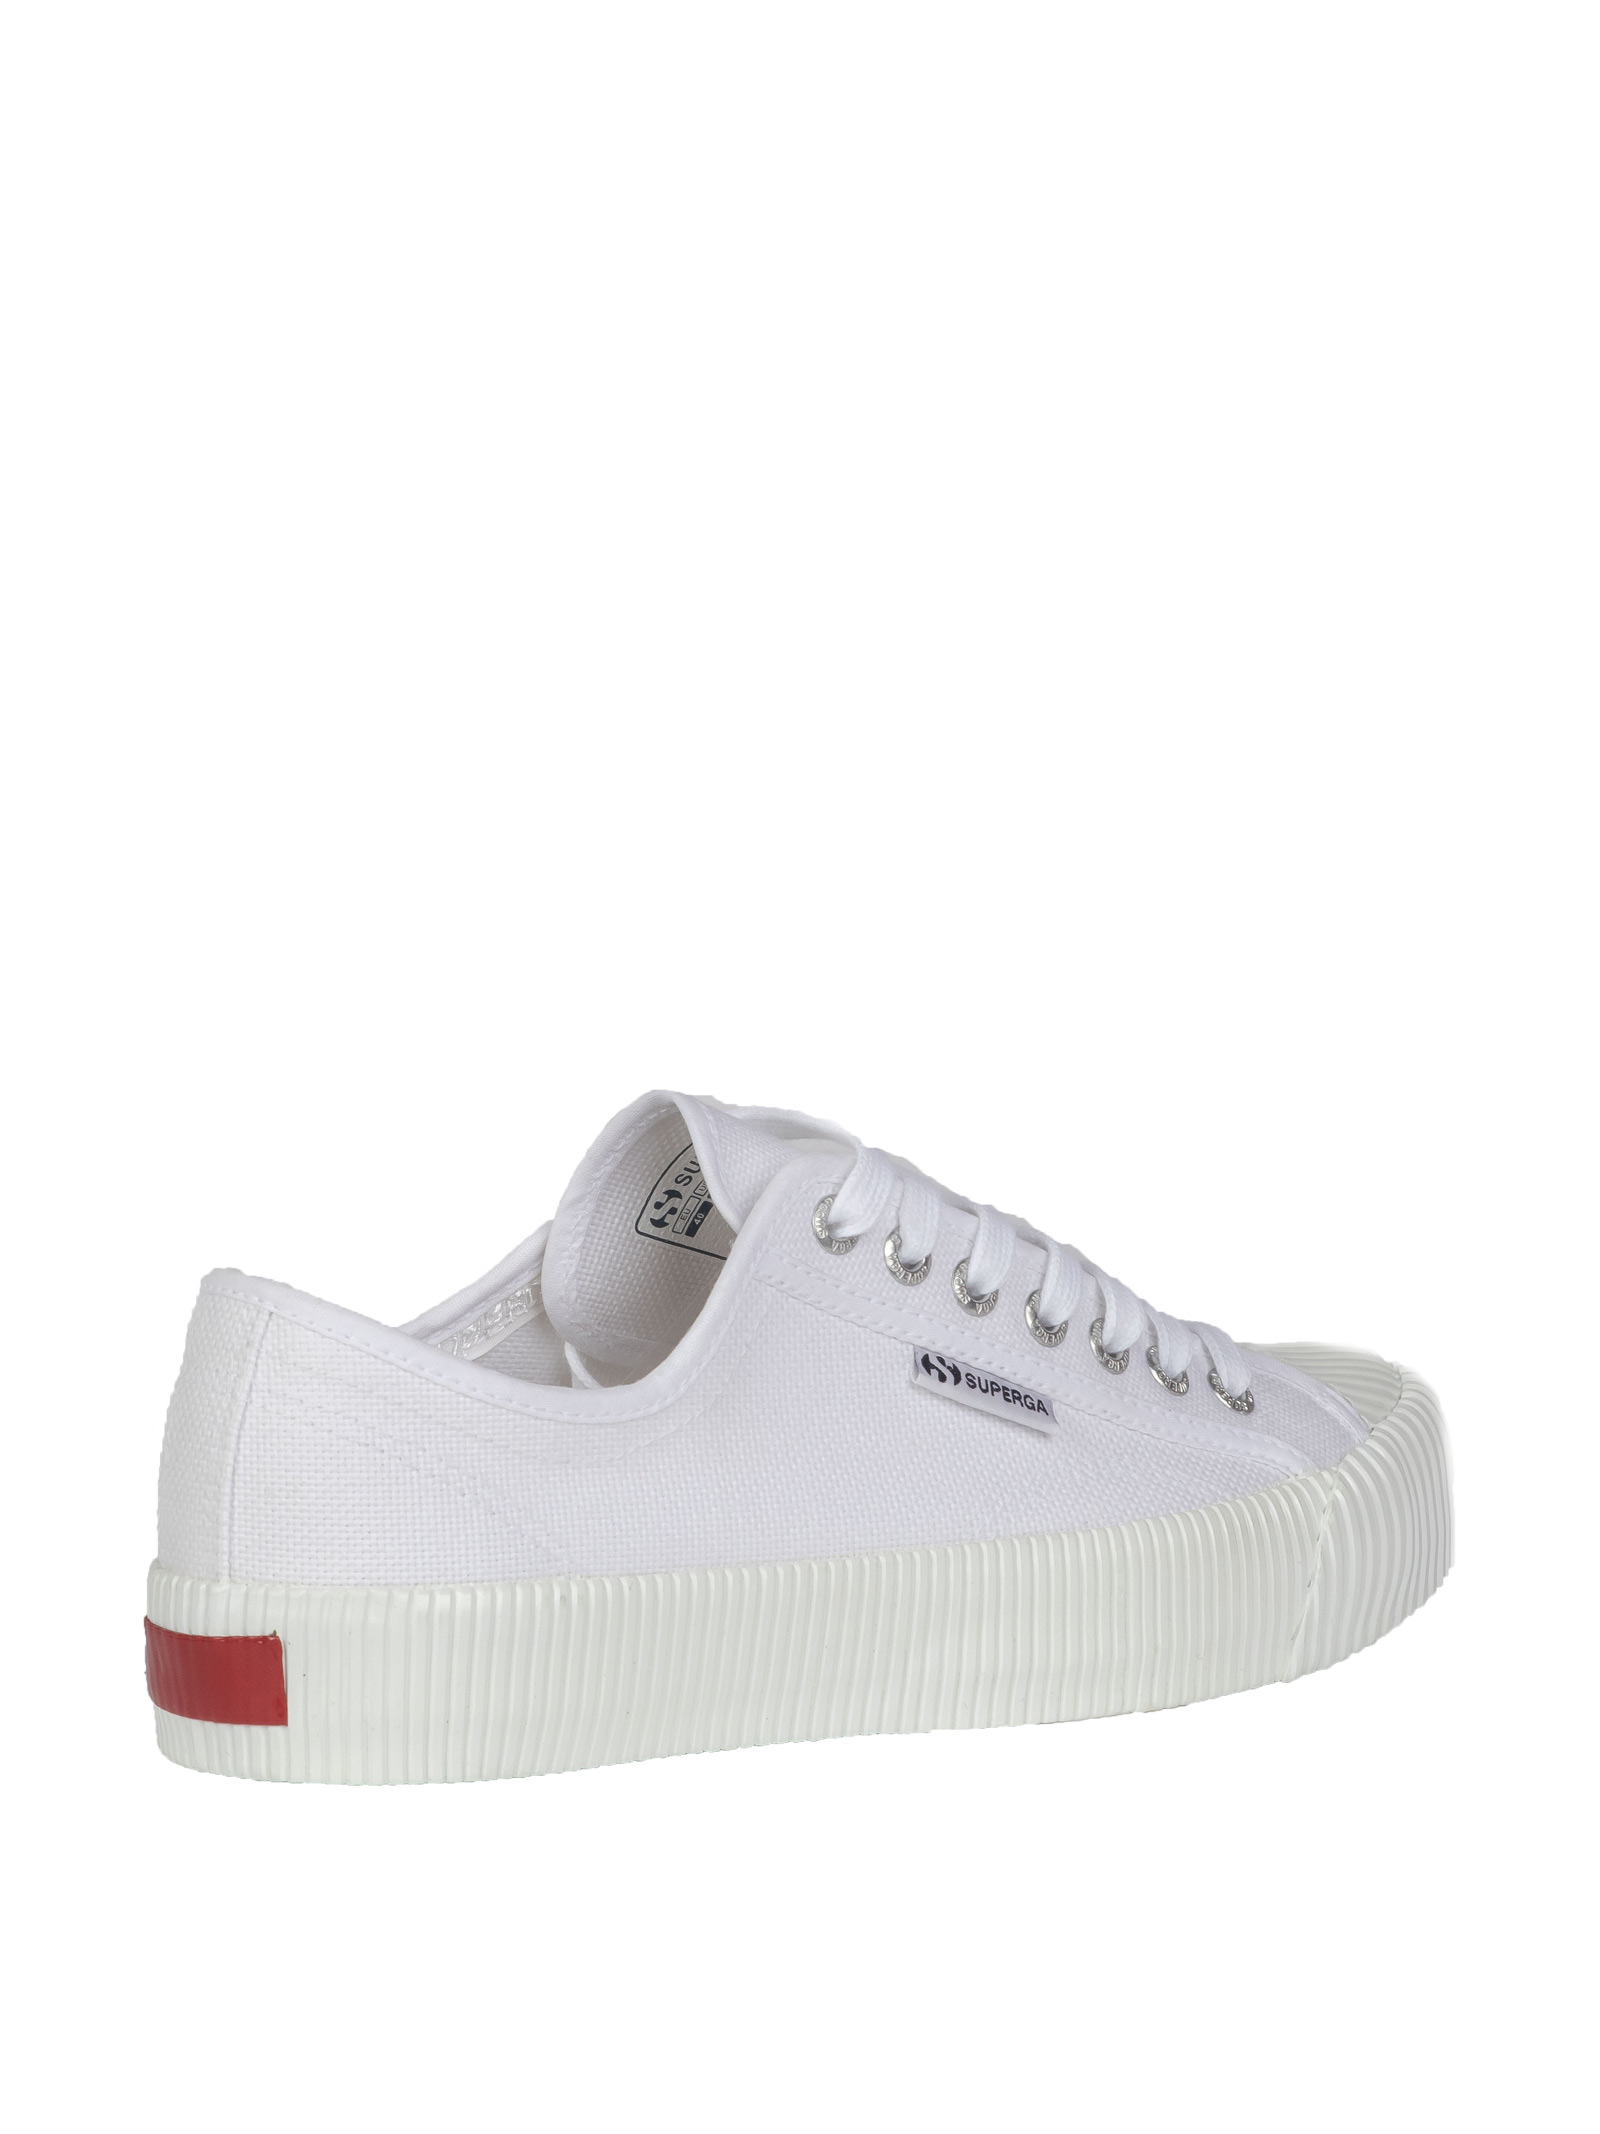 cotu SUPERGA PER PAURA | Sneakers | 2489 COTUBIANCO